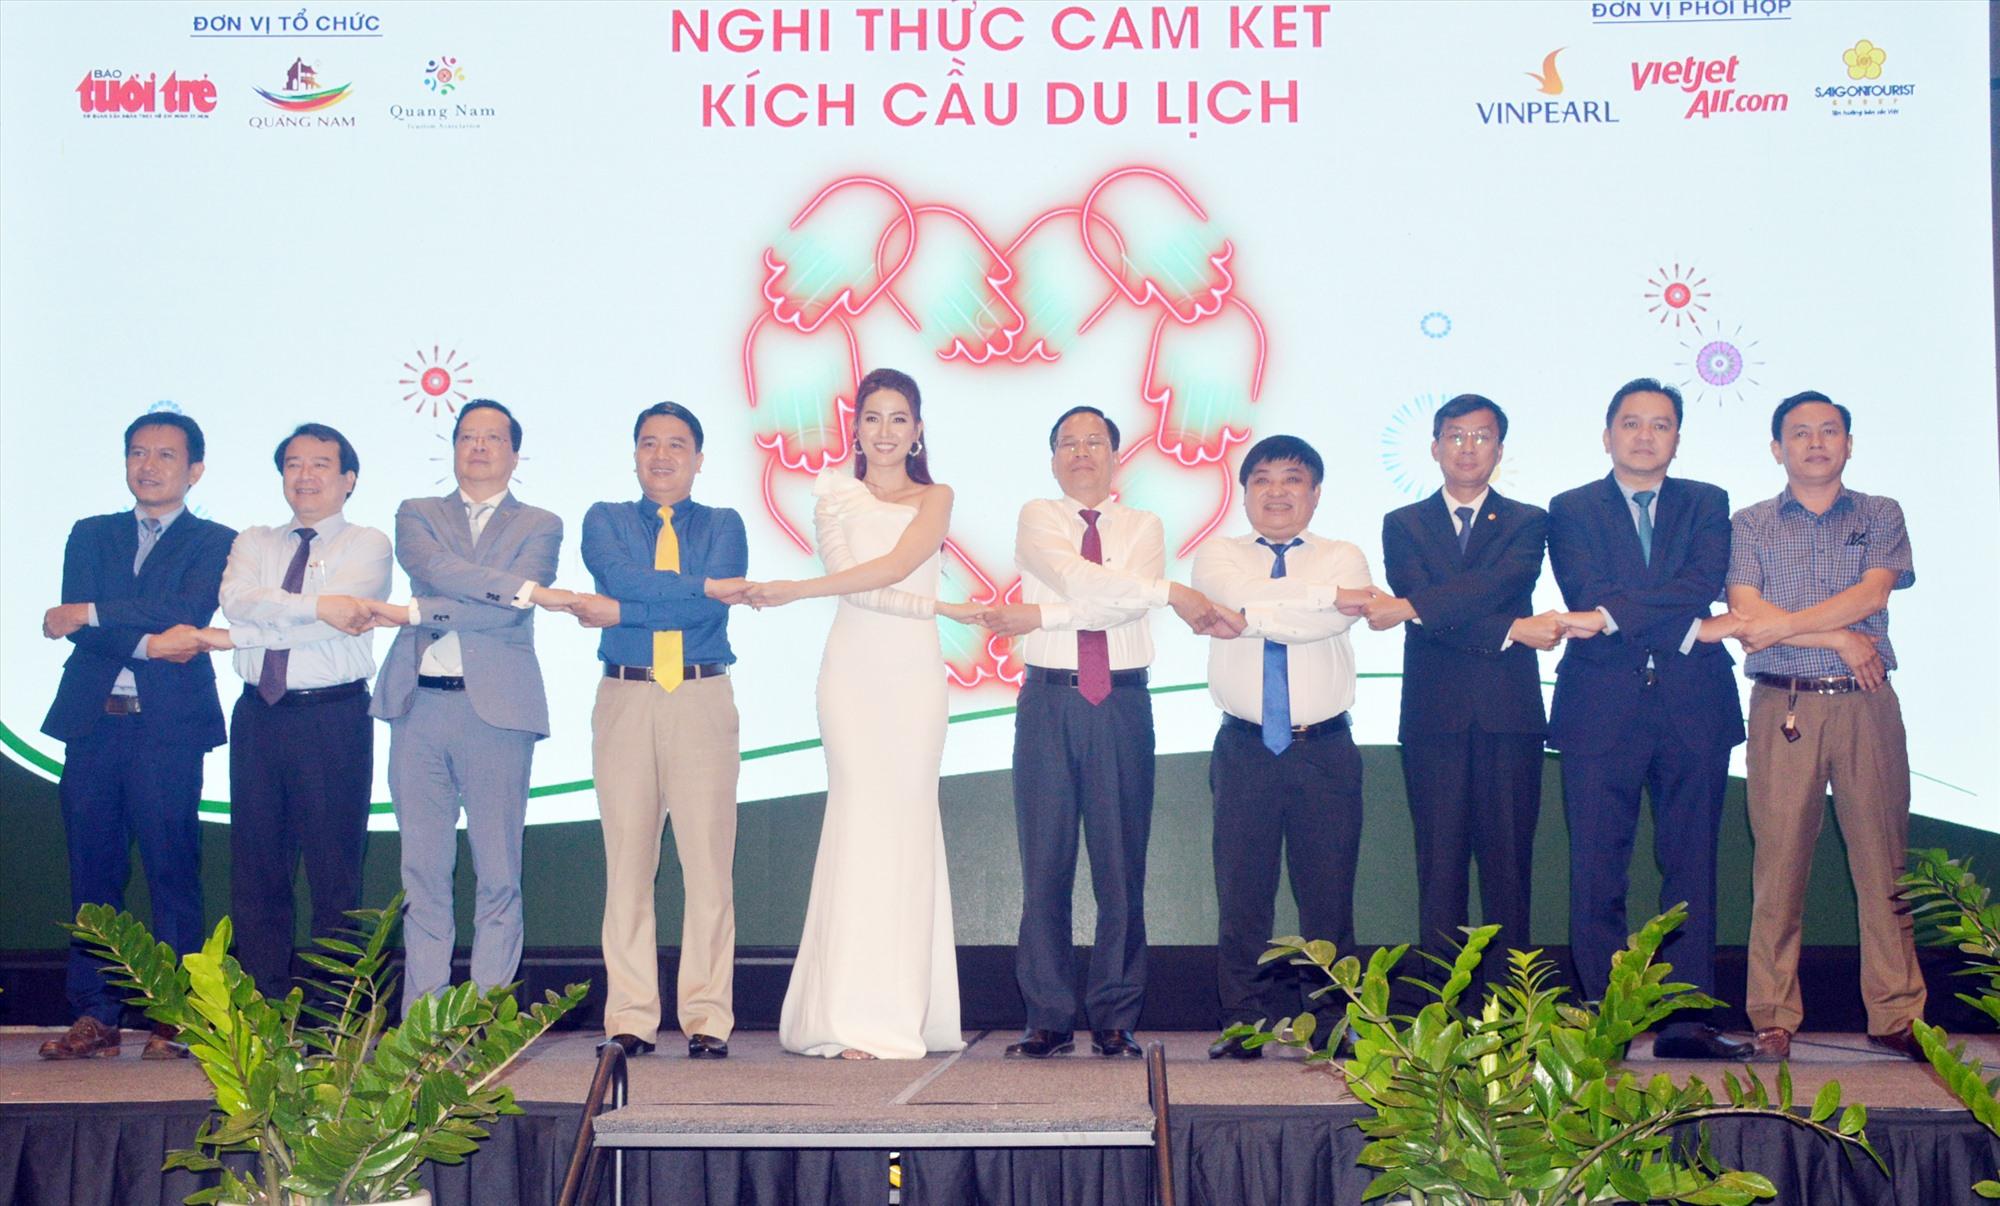 Nghi thức bắt tay cam kết kích cầu du lịch Quảng Nam tại diễn đàn du lịch ấn tượng Việt Nam. Ảnh: T.L